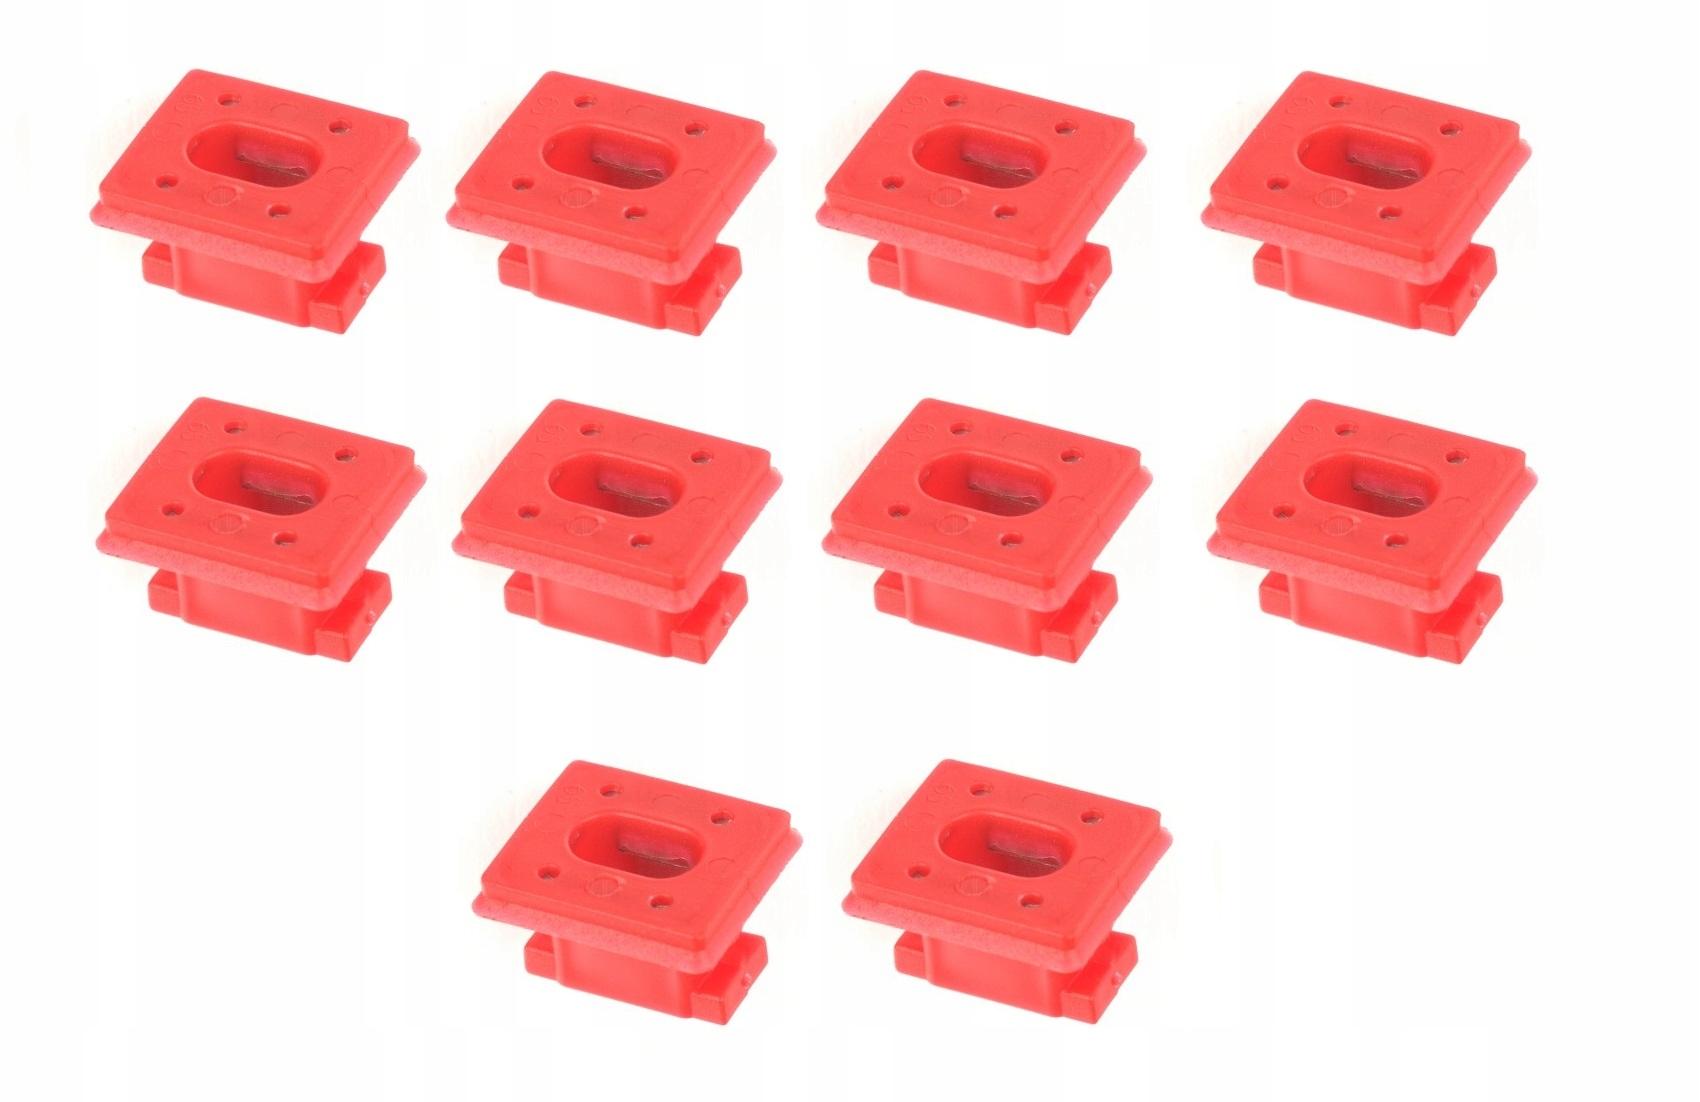 шпилька кубик гнездо плинтуса bmw 3 e46 7 e65 x3 e83